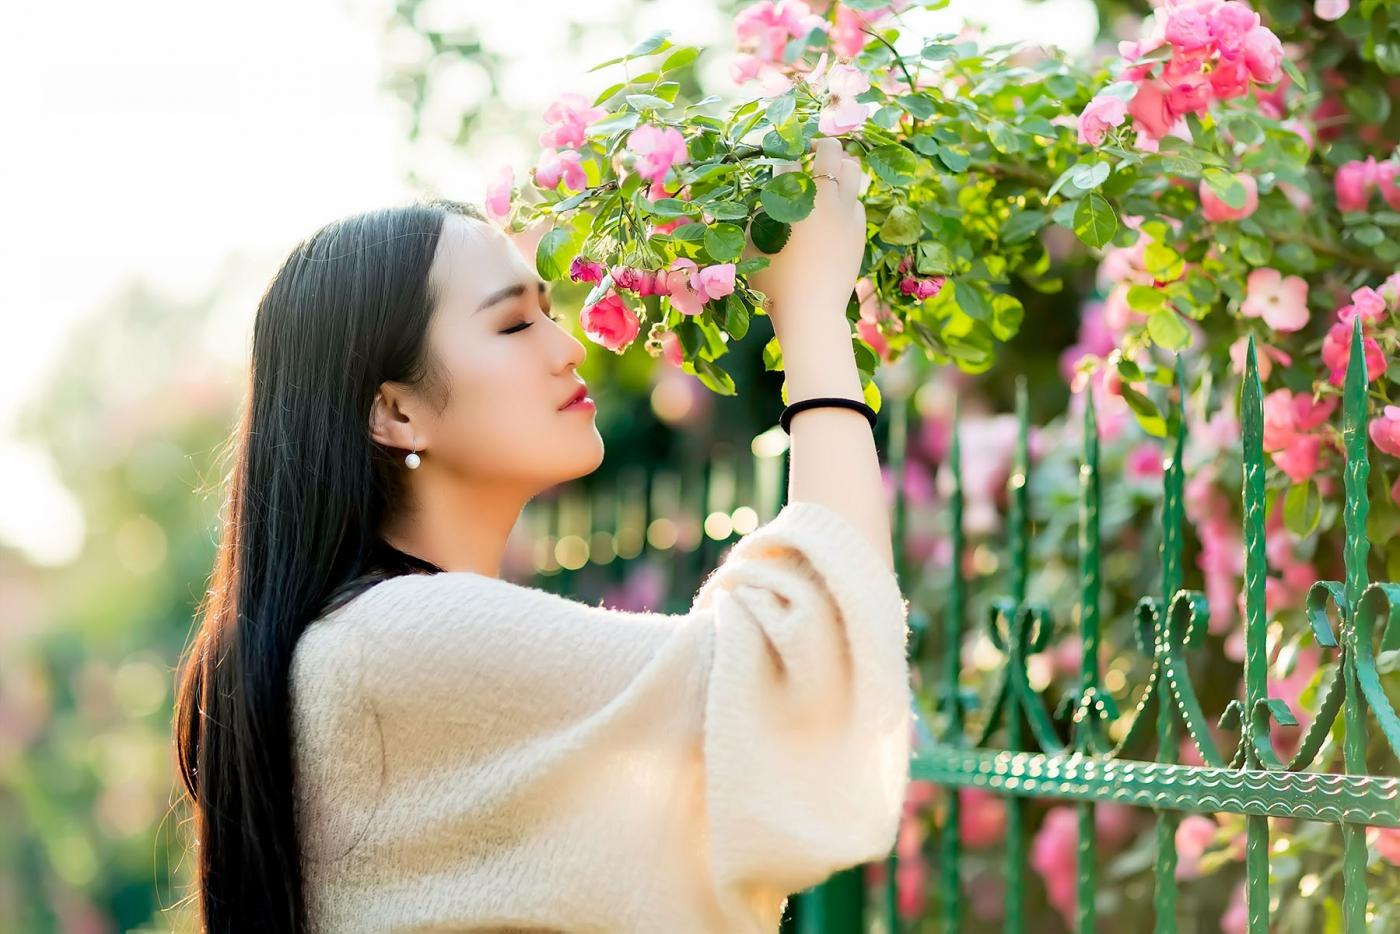 蔷薇·阳光·女孩 去见你想见的人吧_图1-25